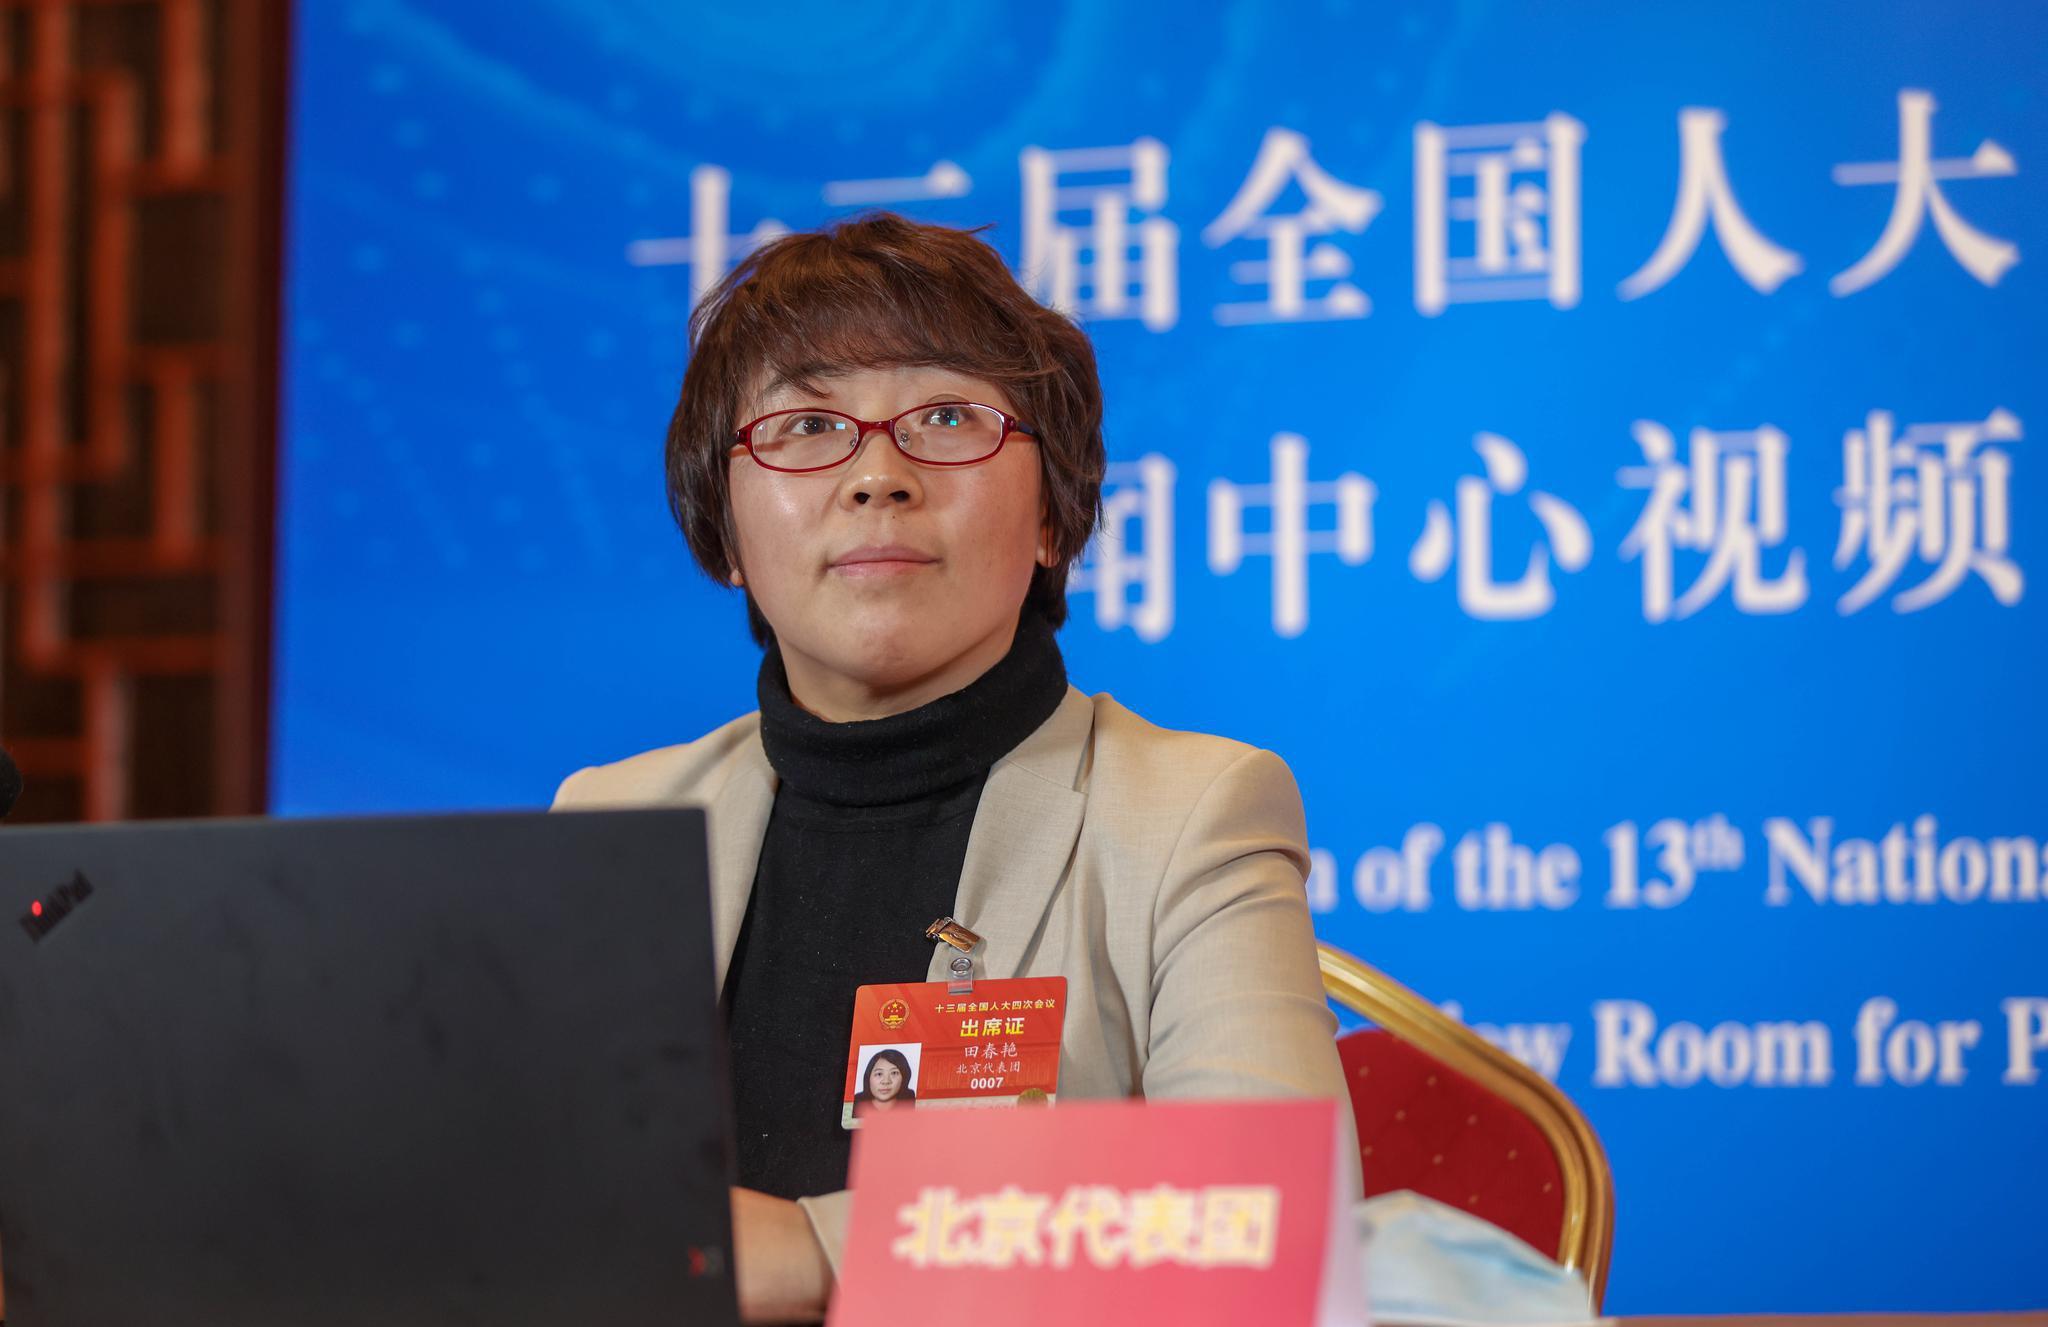 田春艳代表:建议提高城市道路塌陷灾害防治能力